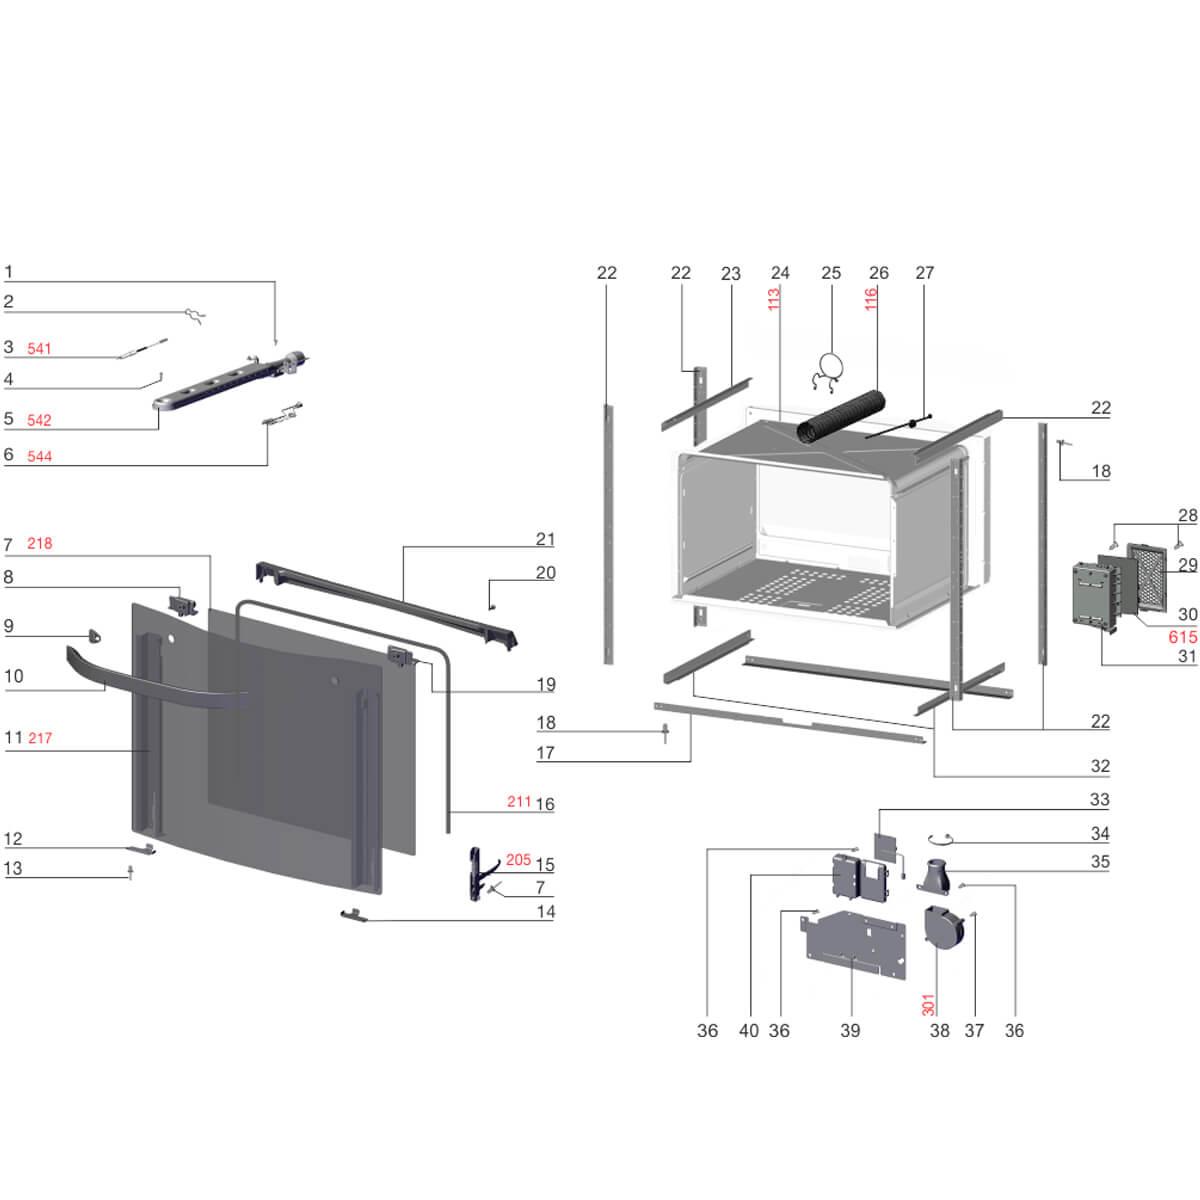 Suporte Inferior Direito Do Vidro Para Fogão Electrolux -  72600902